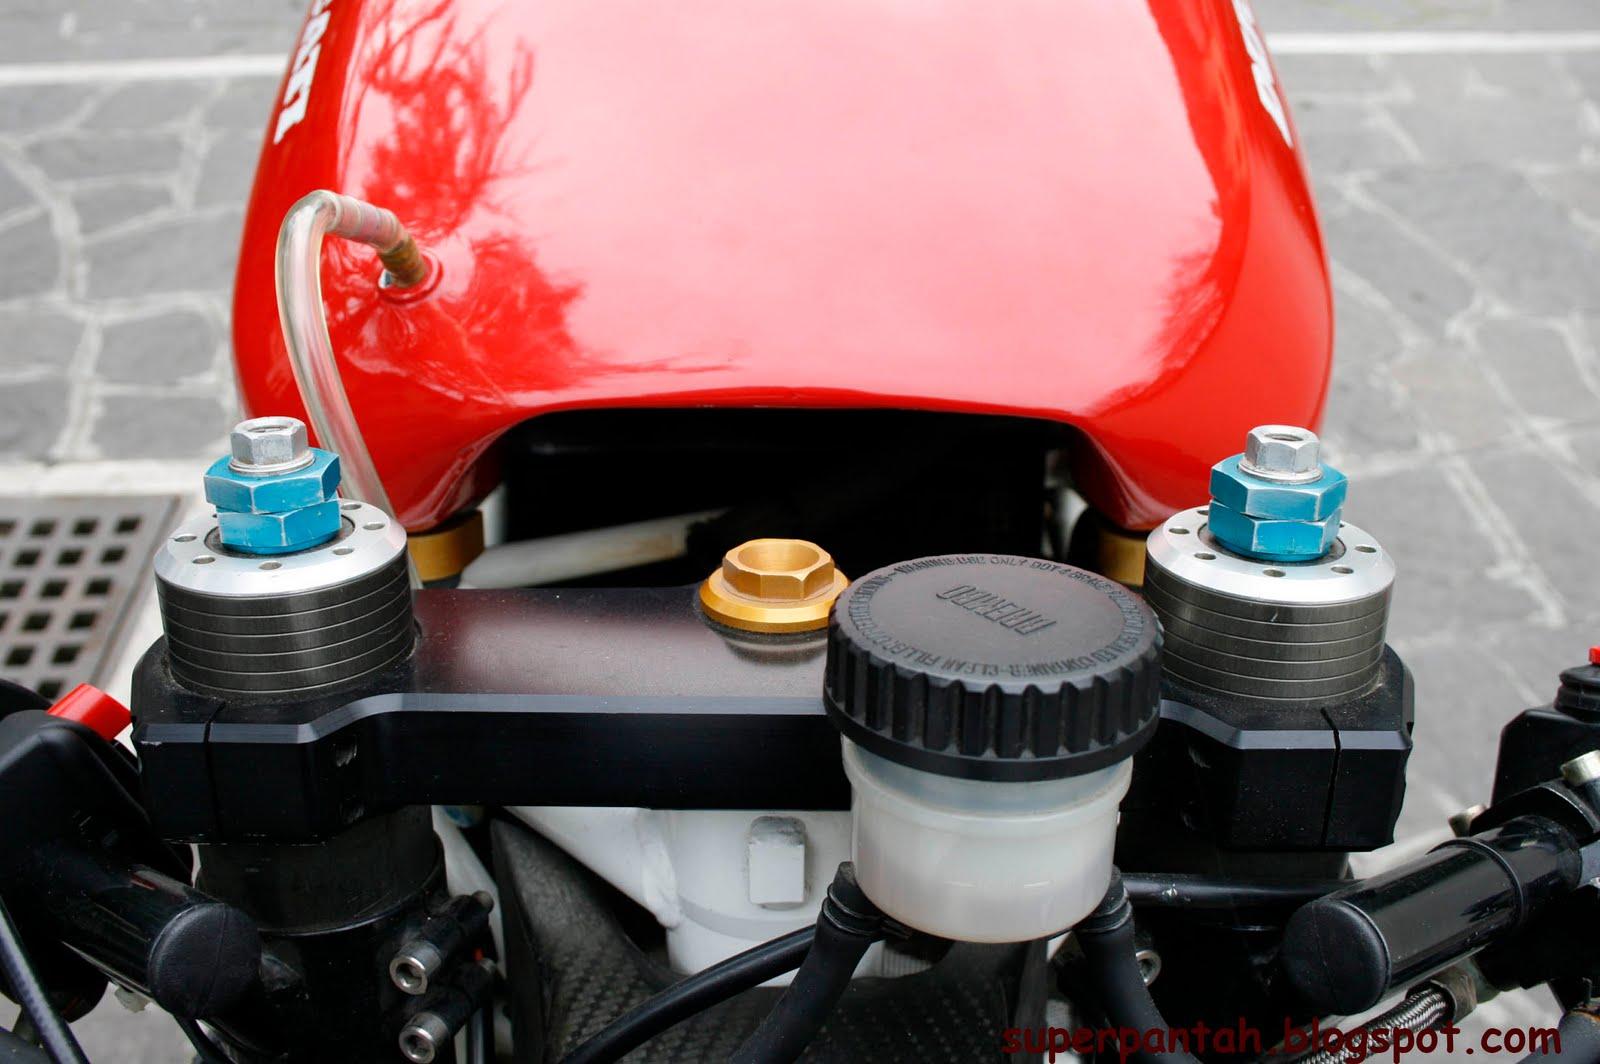 Ducati 851-888 - Page 2 888%2BRacing%2B%25284%2529